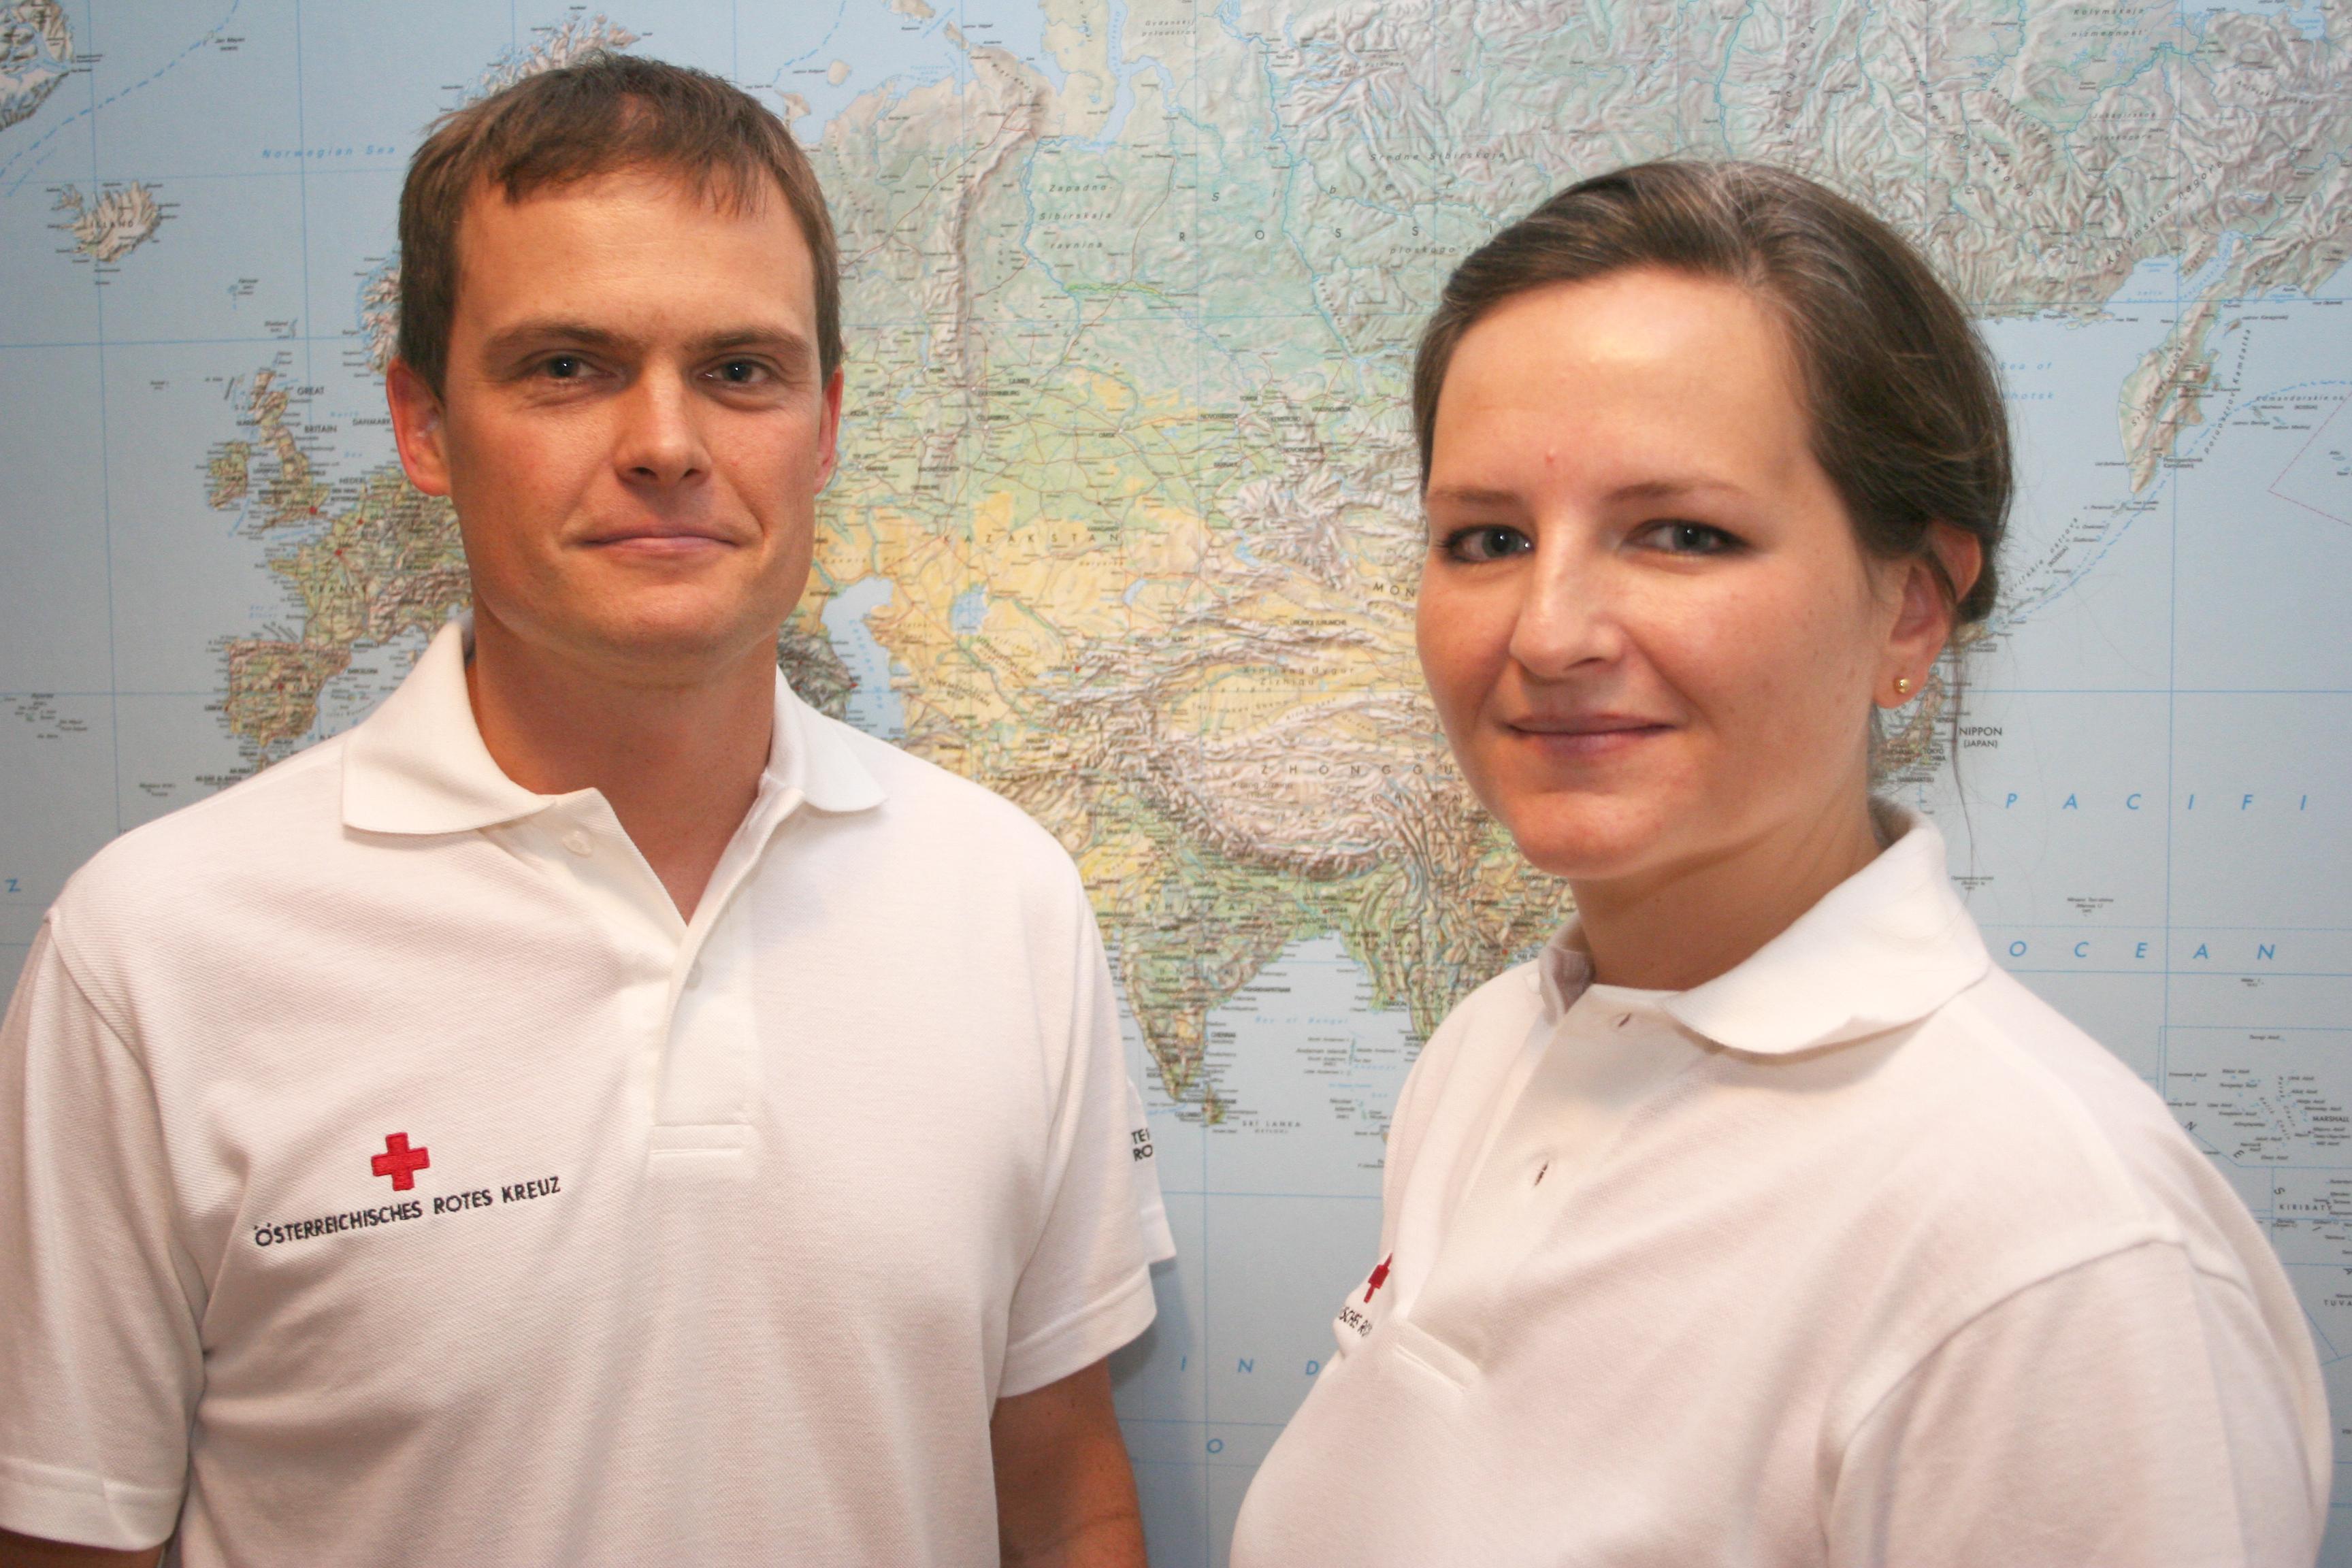 Andrea Reisinger und Christopher Jahn vom Österreichischen Roten Kreuz sind seit dem 5. August im Libanon um Flüchtlingen aus Syrien zu helfen. ©Thomas Marecek/ÖRK